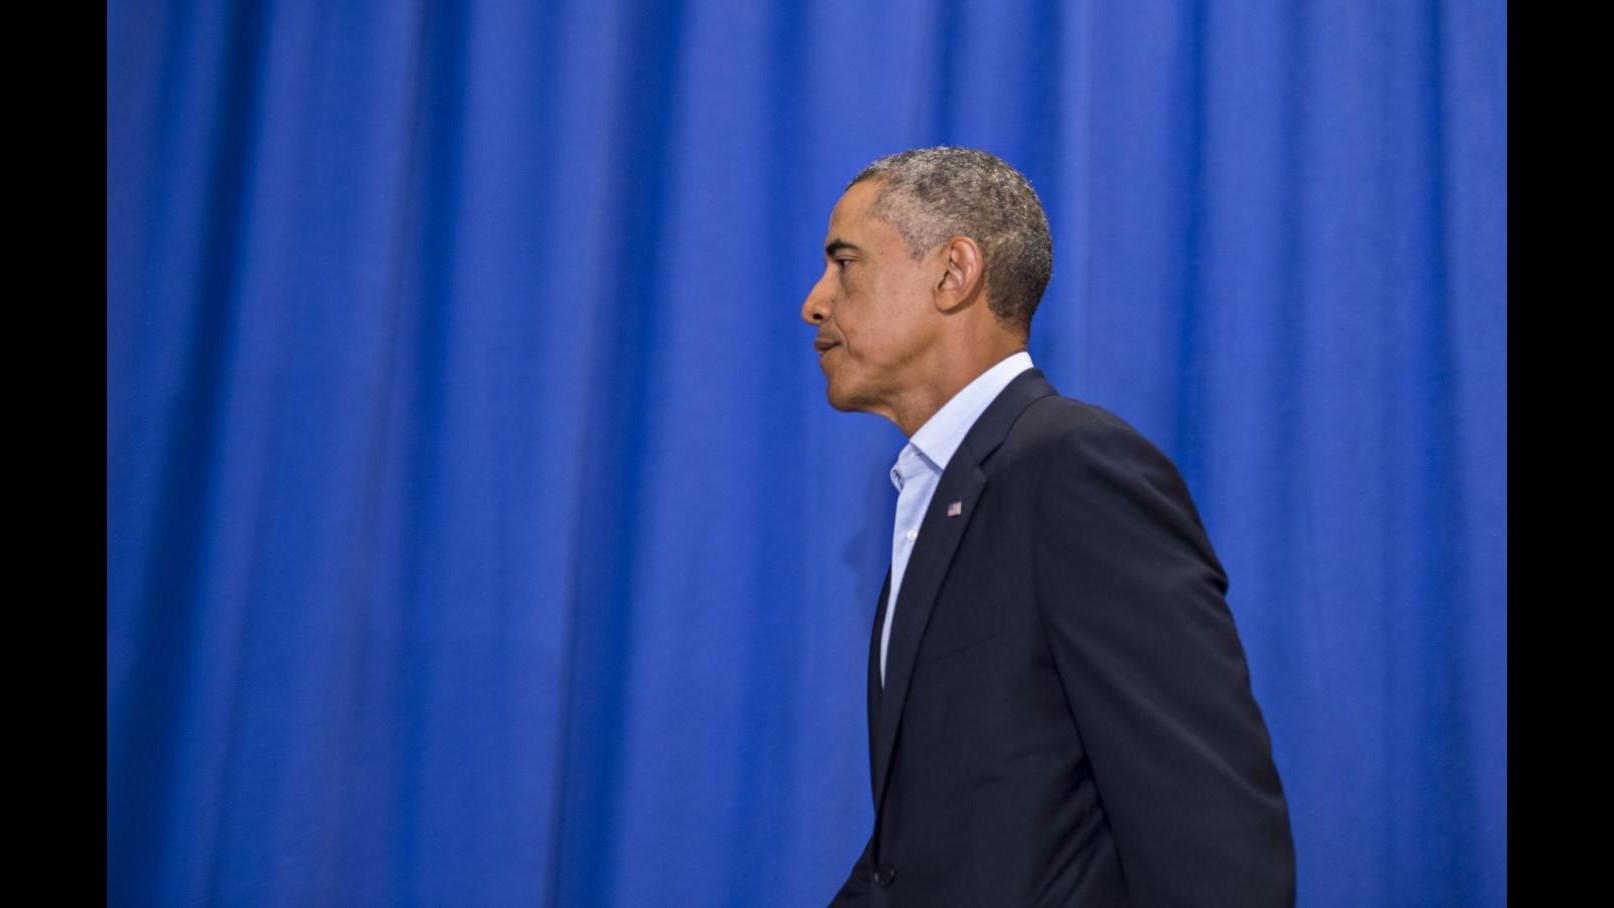 Iraq, Nyt: Stato islamico chiese riscatto per Foley ma Usa rifiutarono